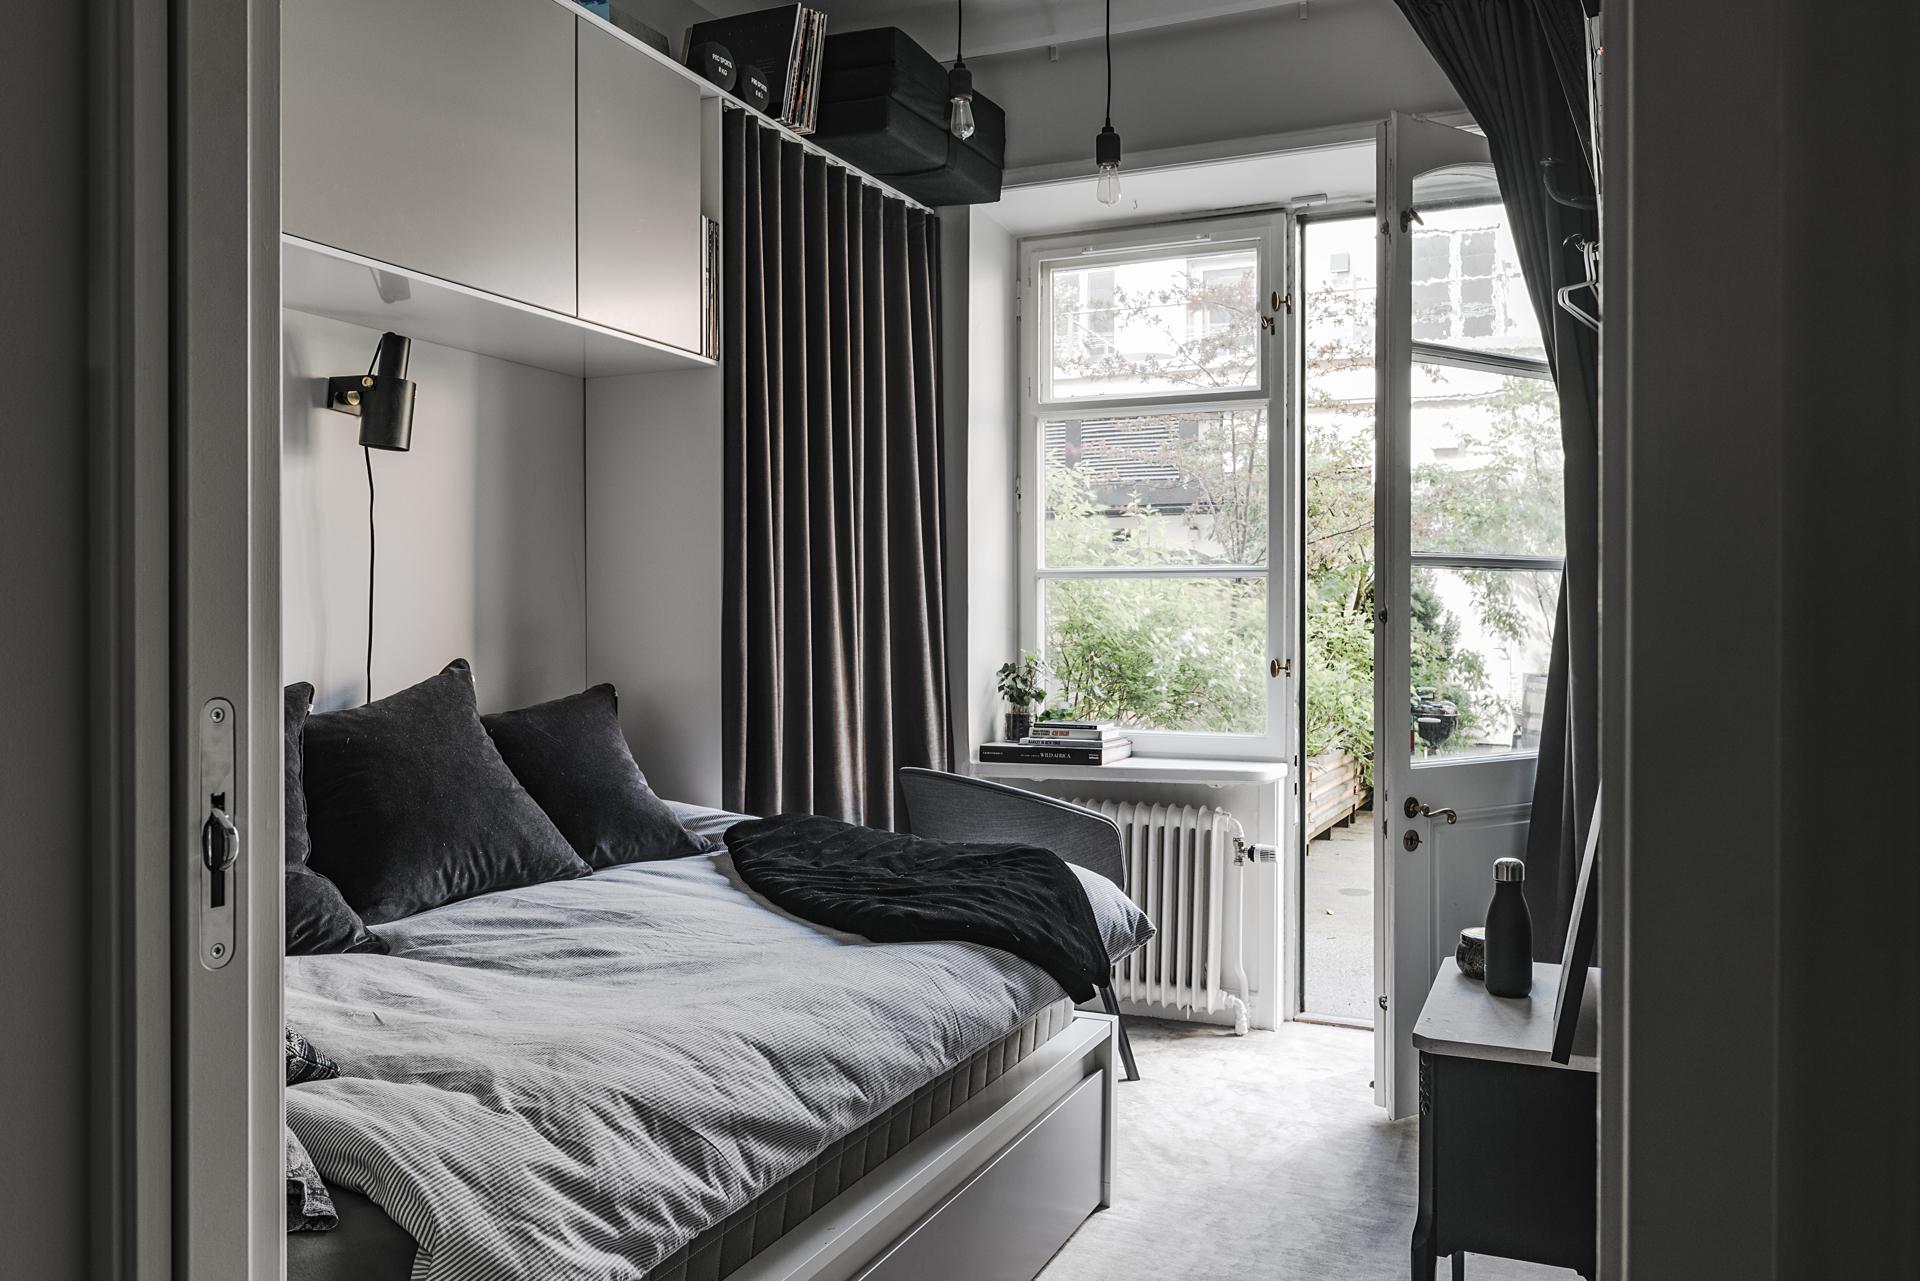 спальня кровать шкаф с занавеской